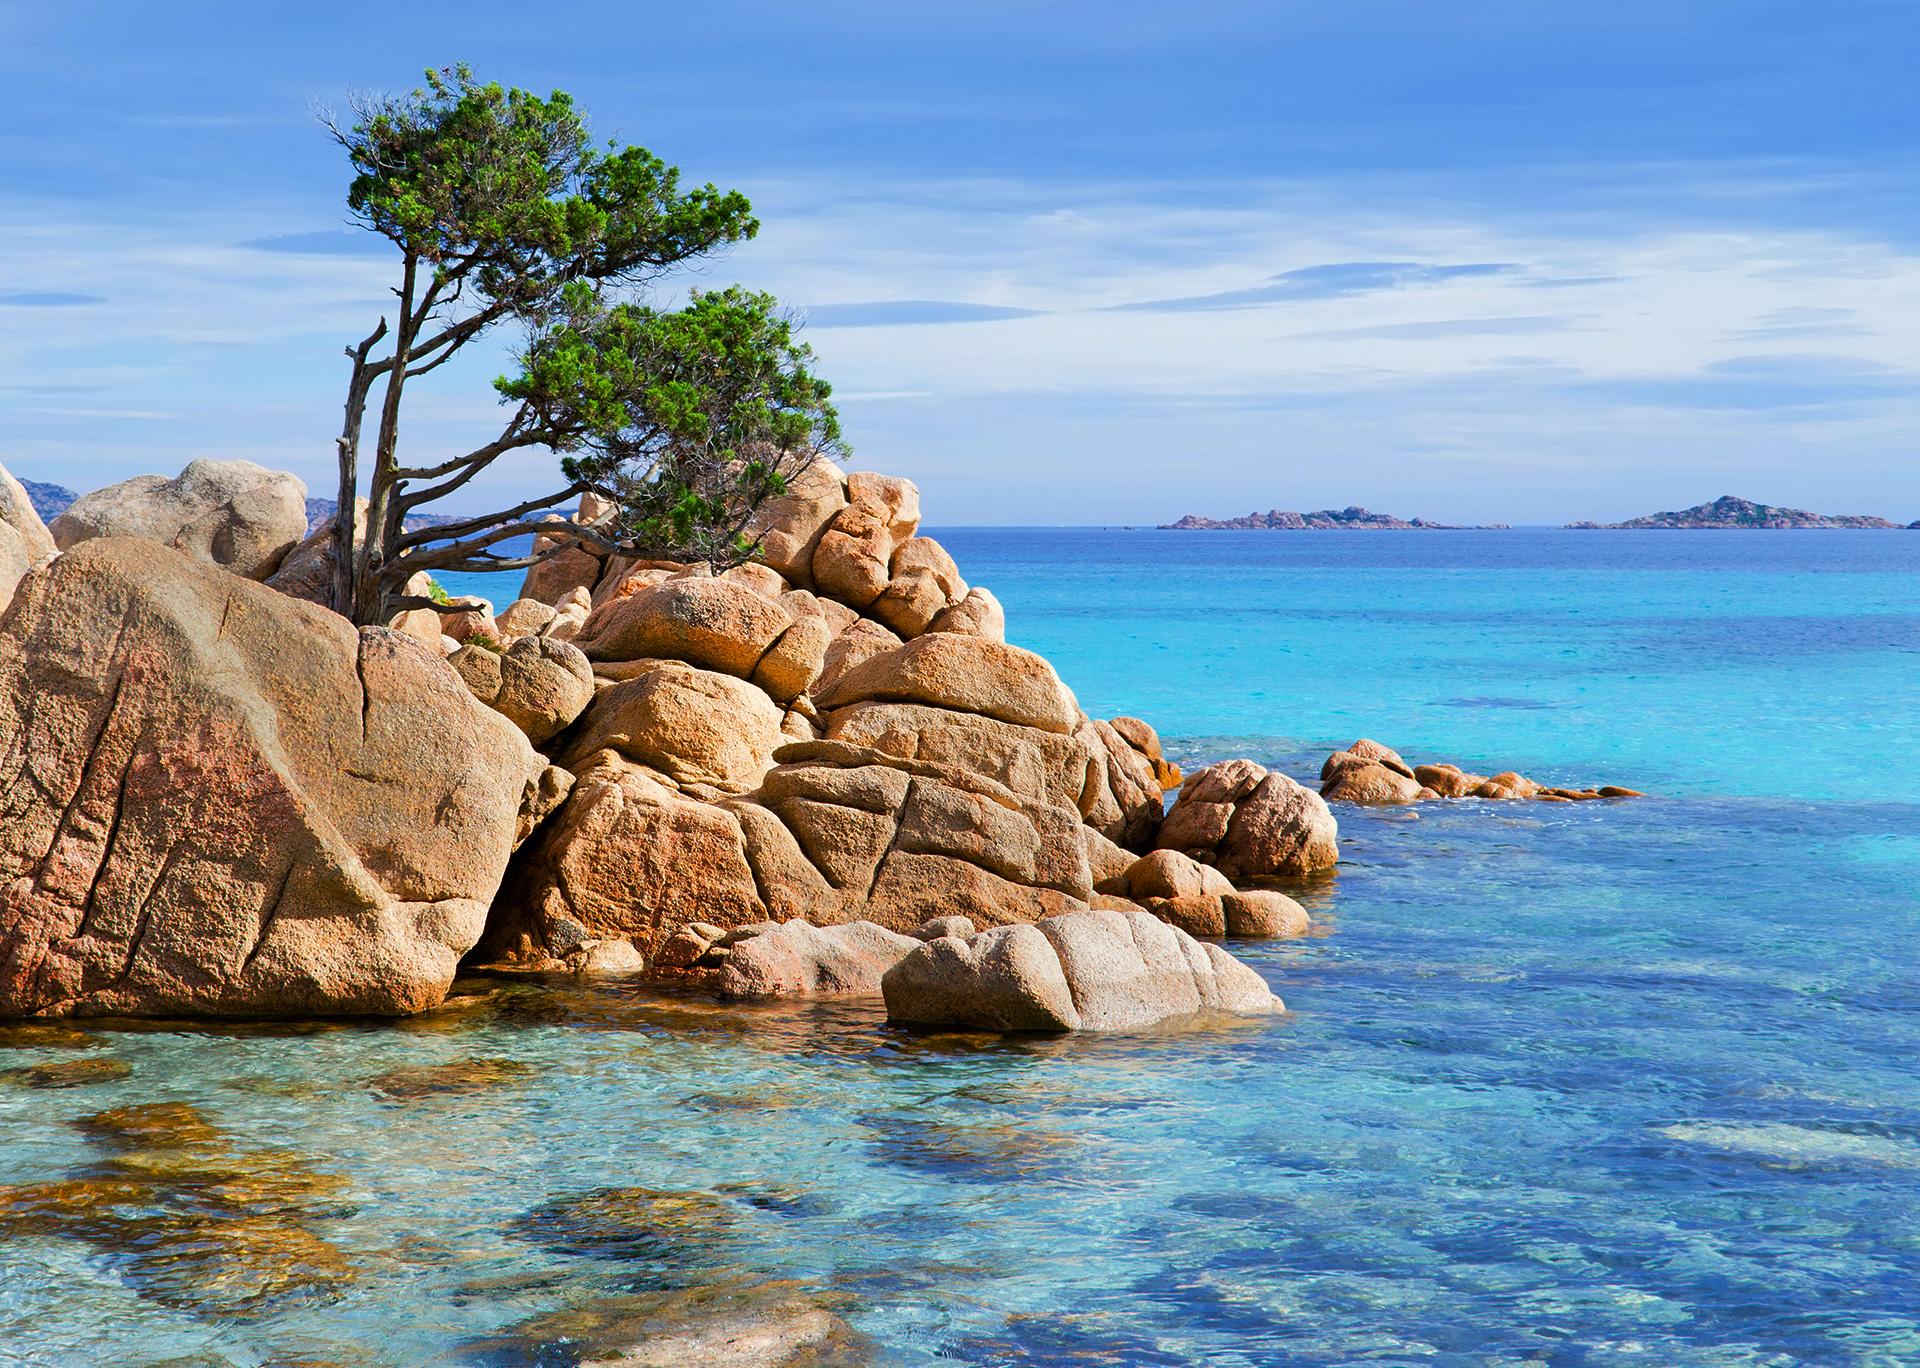 Alloggi esclusivi in Costa Smeralda per godersi tutto il bello dell'estate italiana